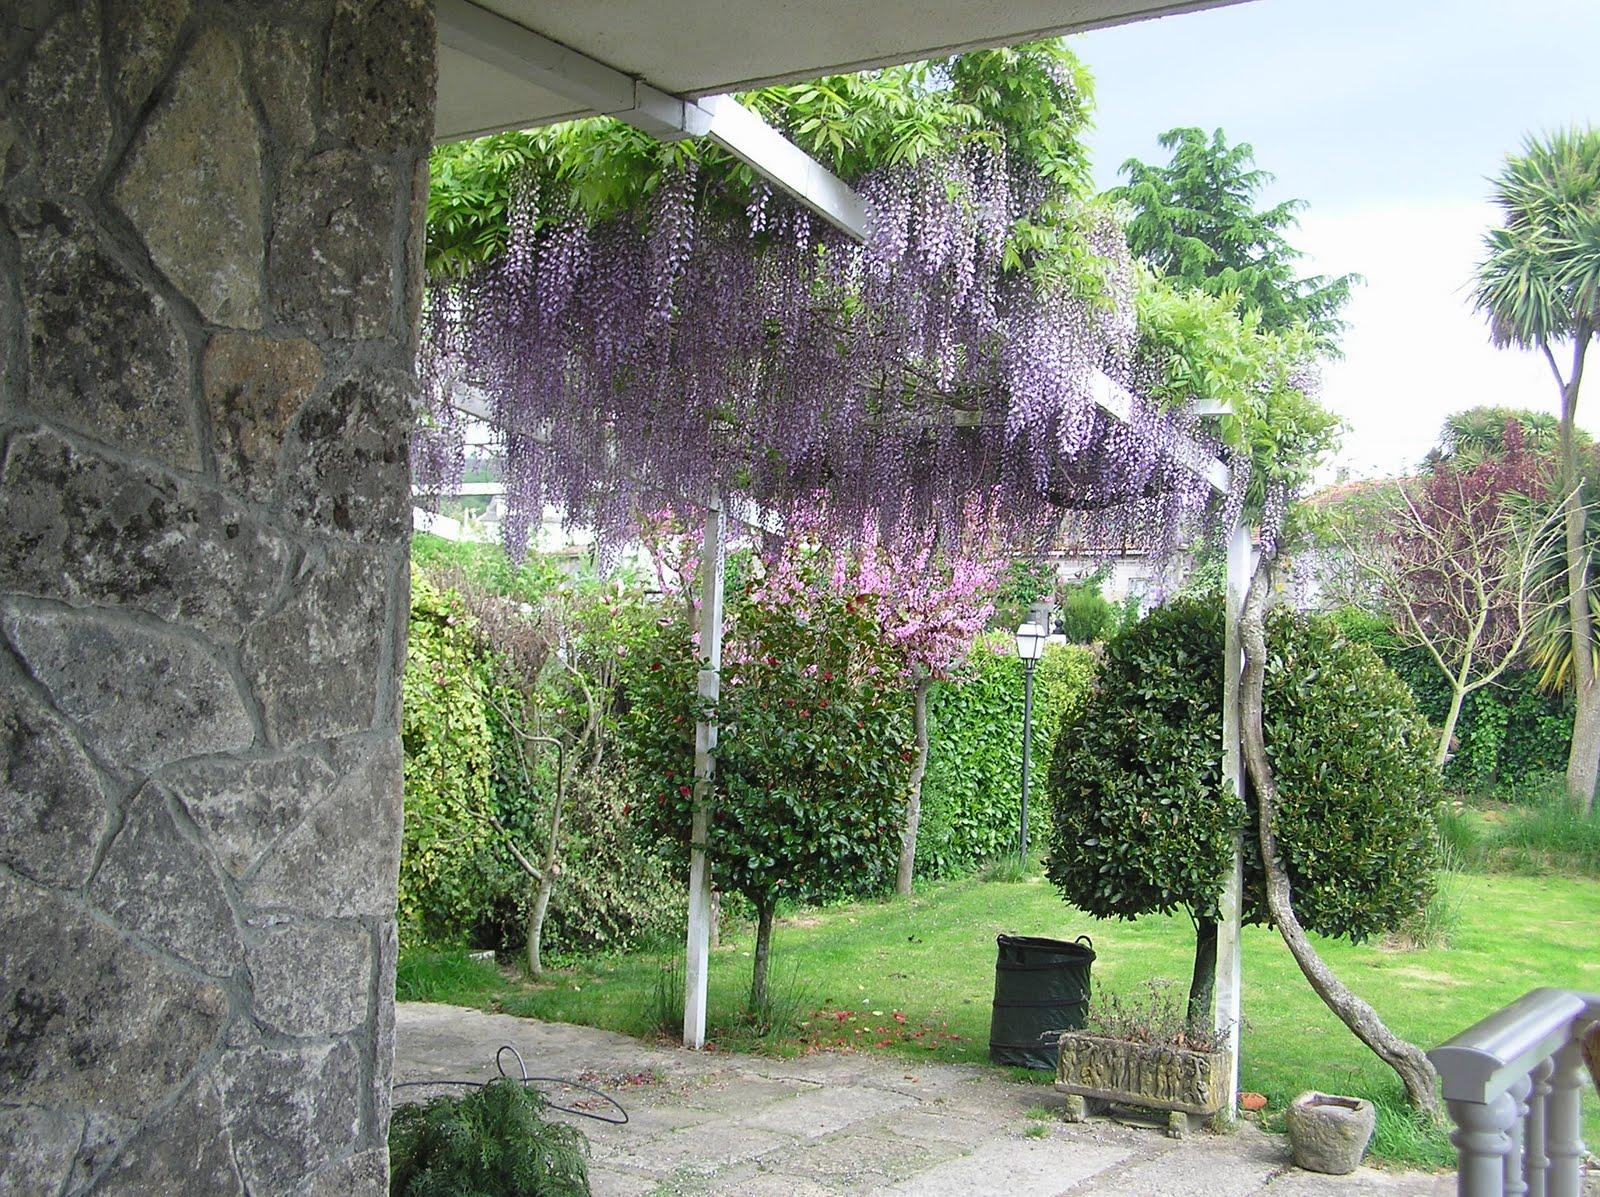 Fotos de jardines y plantas espectaculares jard n y for Plantas modernas para jardin